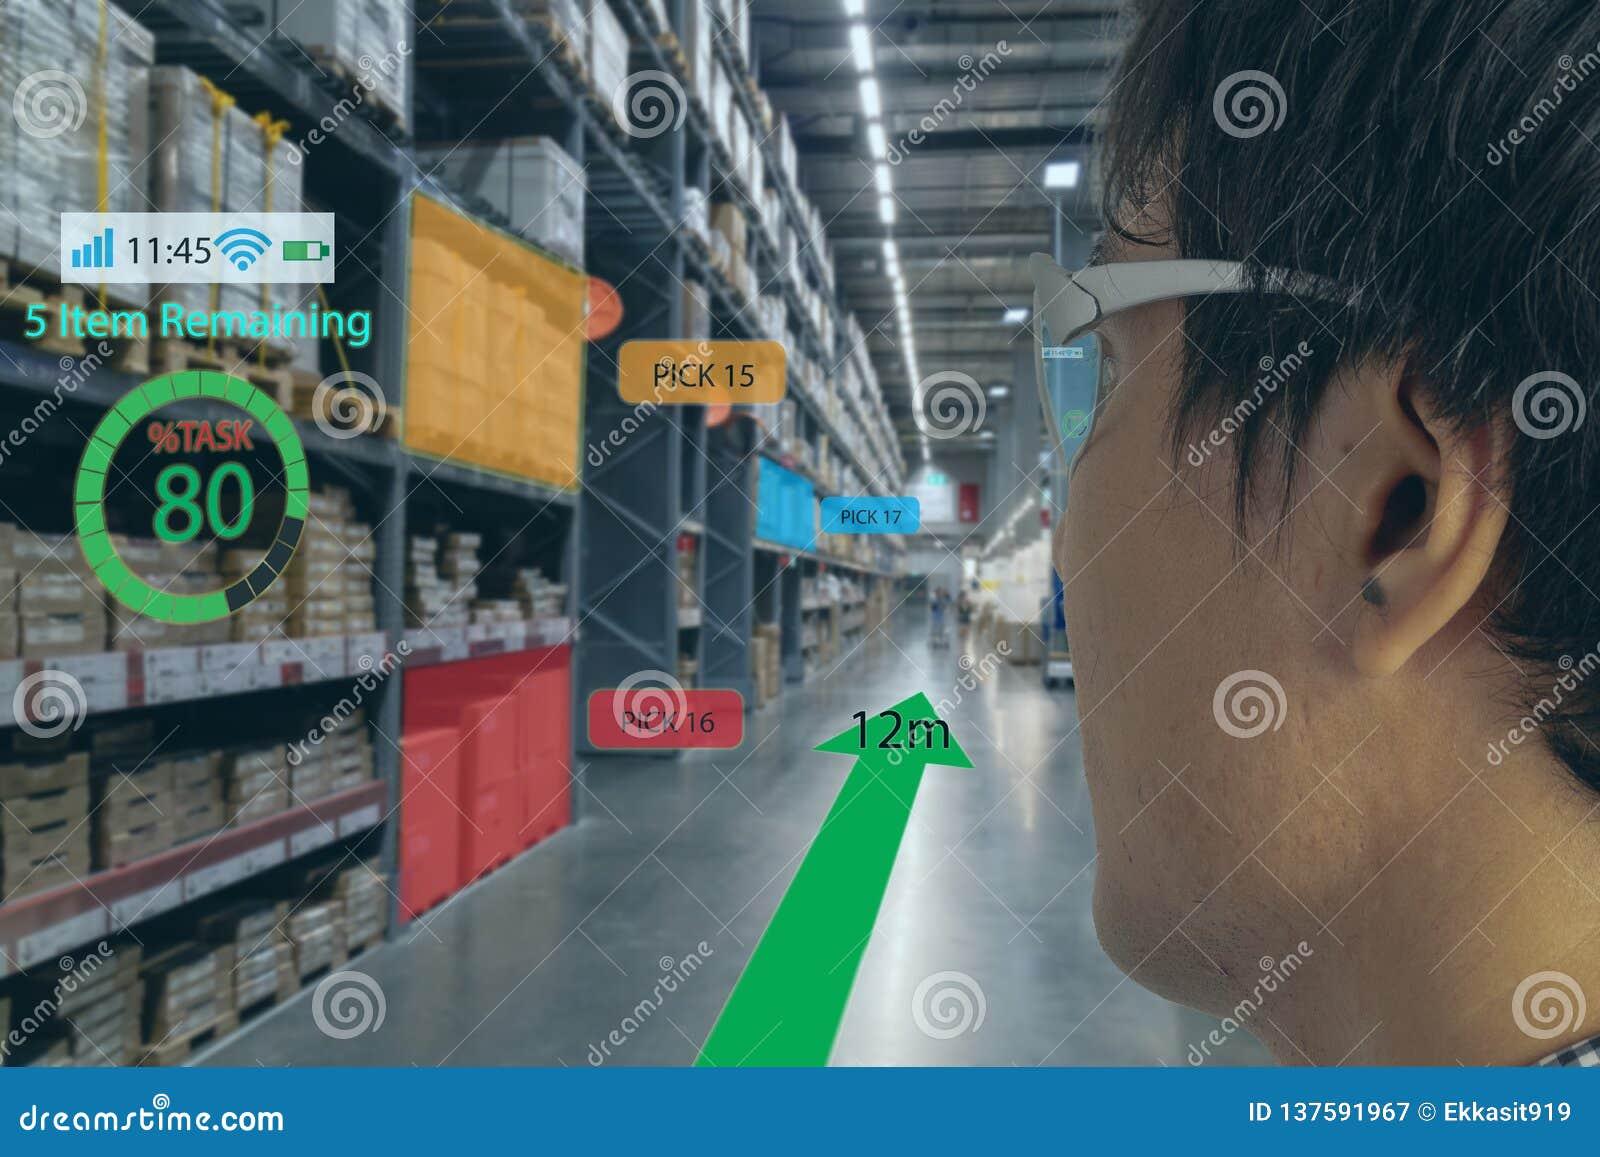 Het slimme kleinhandelsconcept, a-klant kan controleren welke gegevens van inzicht in real time in plankenstatus dat over slimme